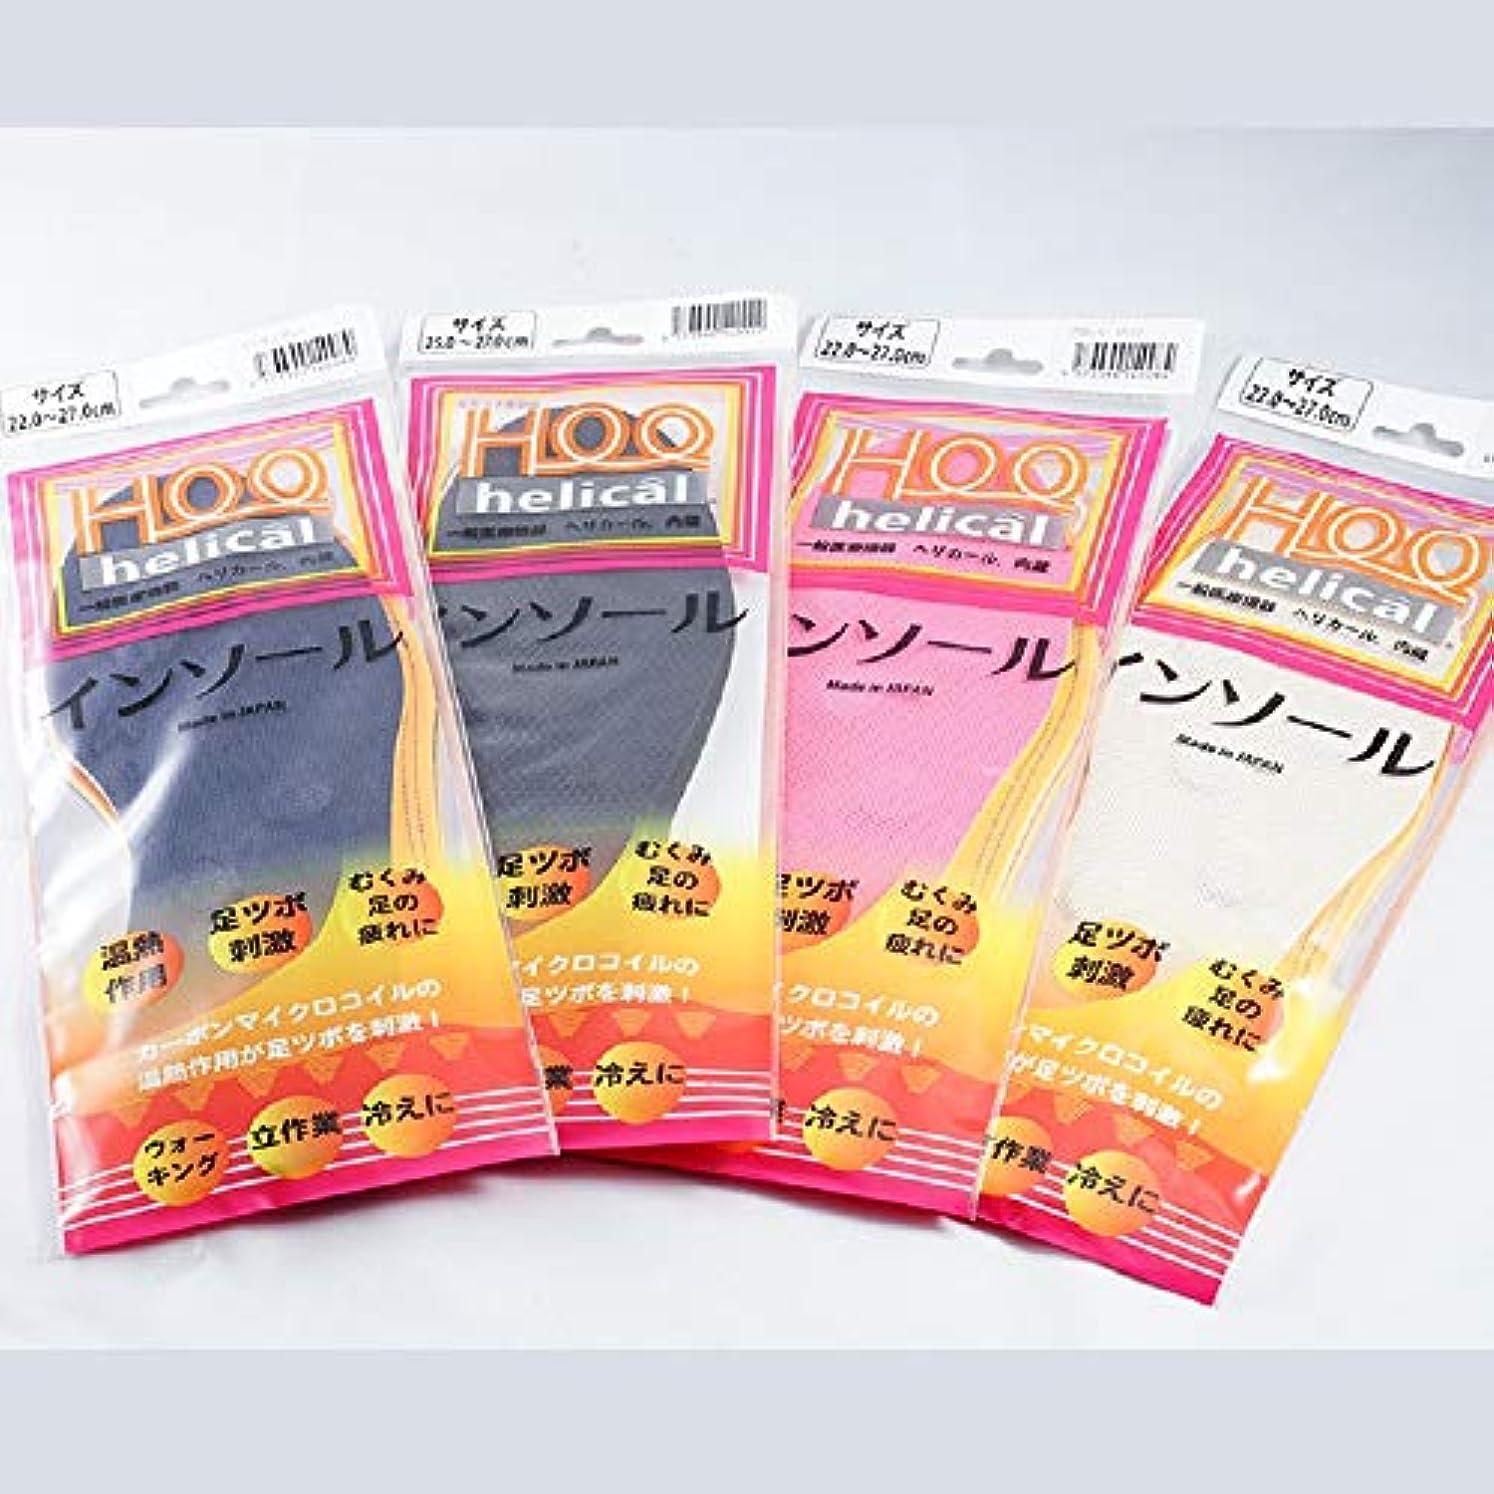 エーカー悪因子しないヘリカールインソール(22.0~27.0cm )足つぼ、温熱効果 (ホワイト)